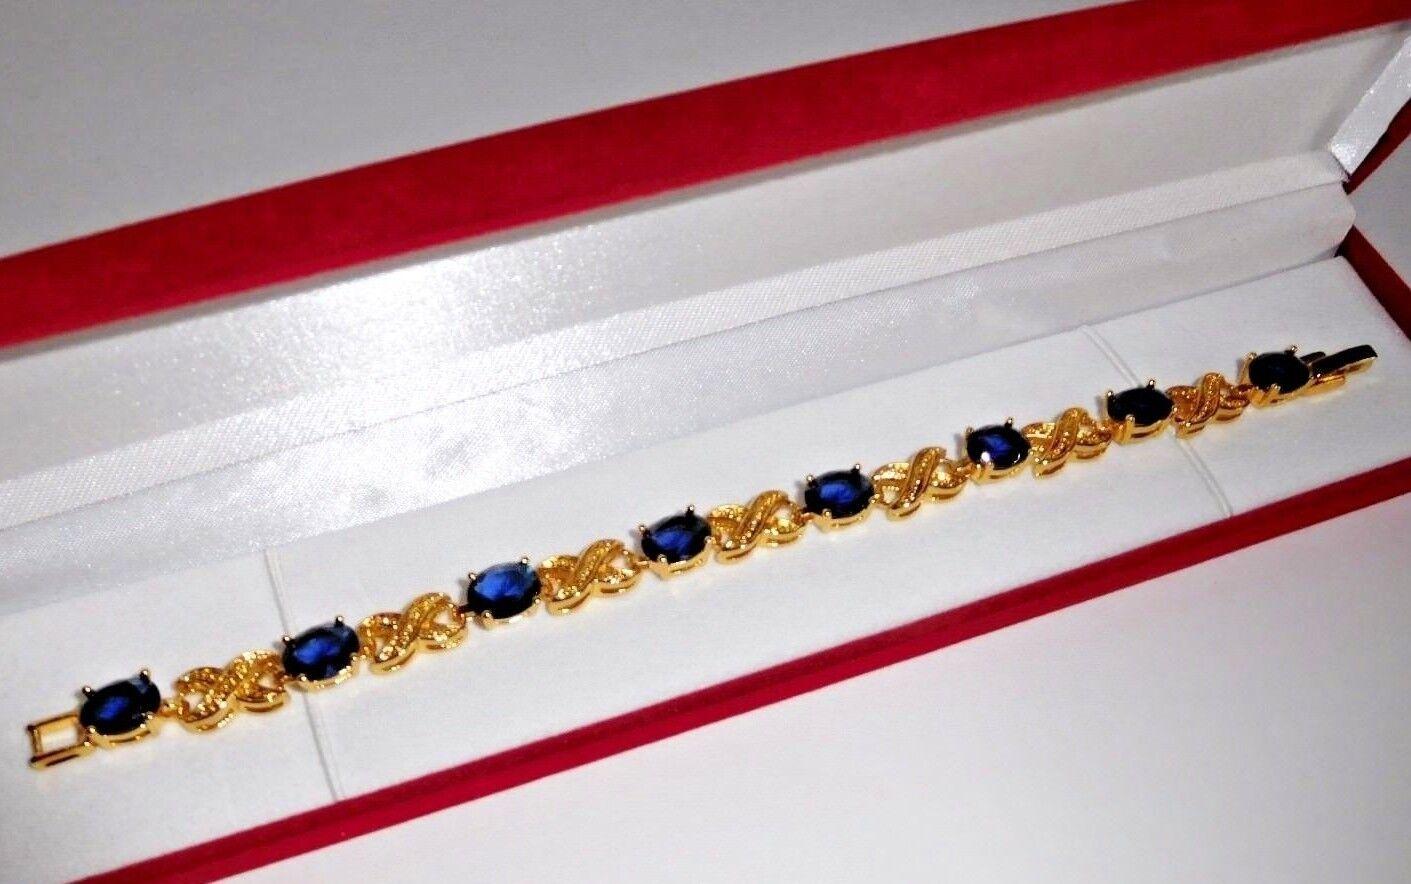 71 Ct.t.w. SPARKLING XO blueE SAPPHIRE OVAL CUT TENNIS BRACELET  7